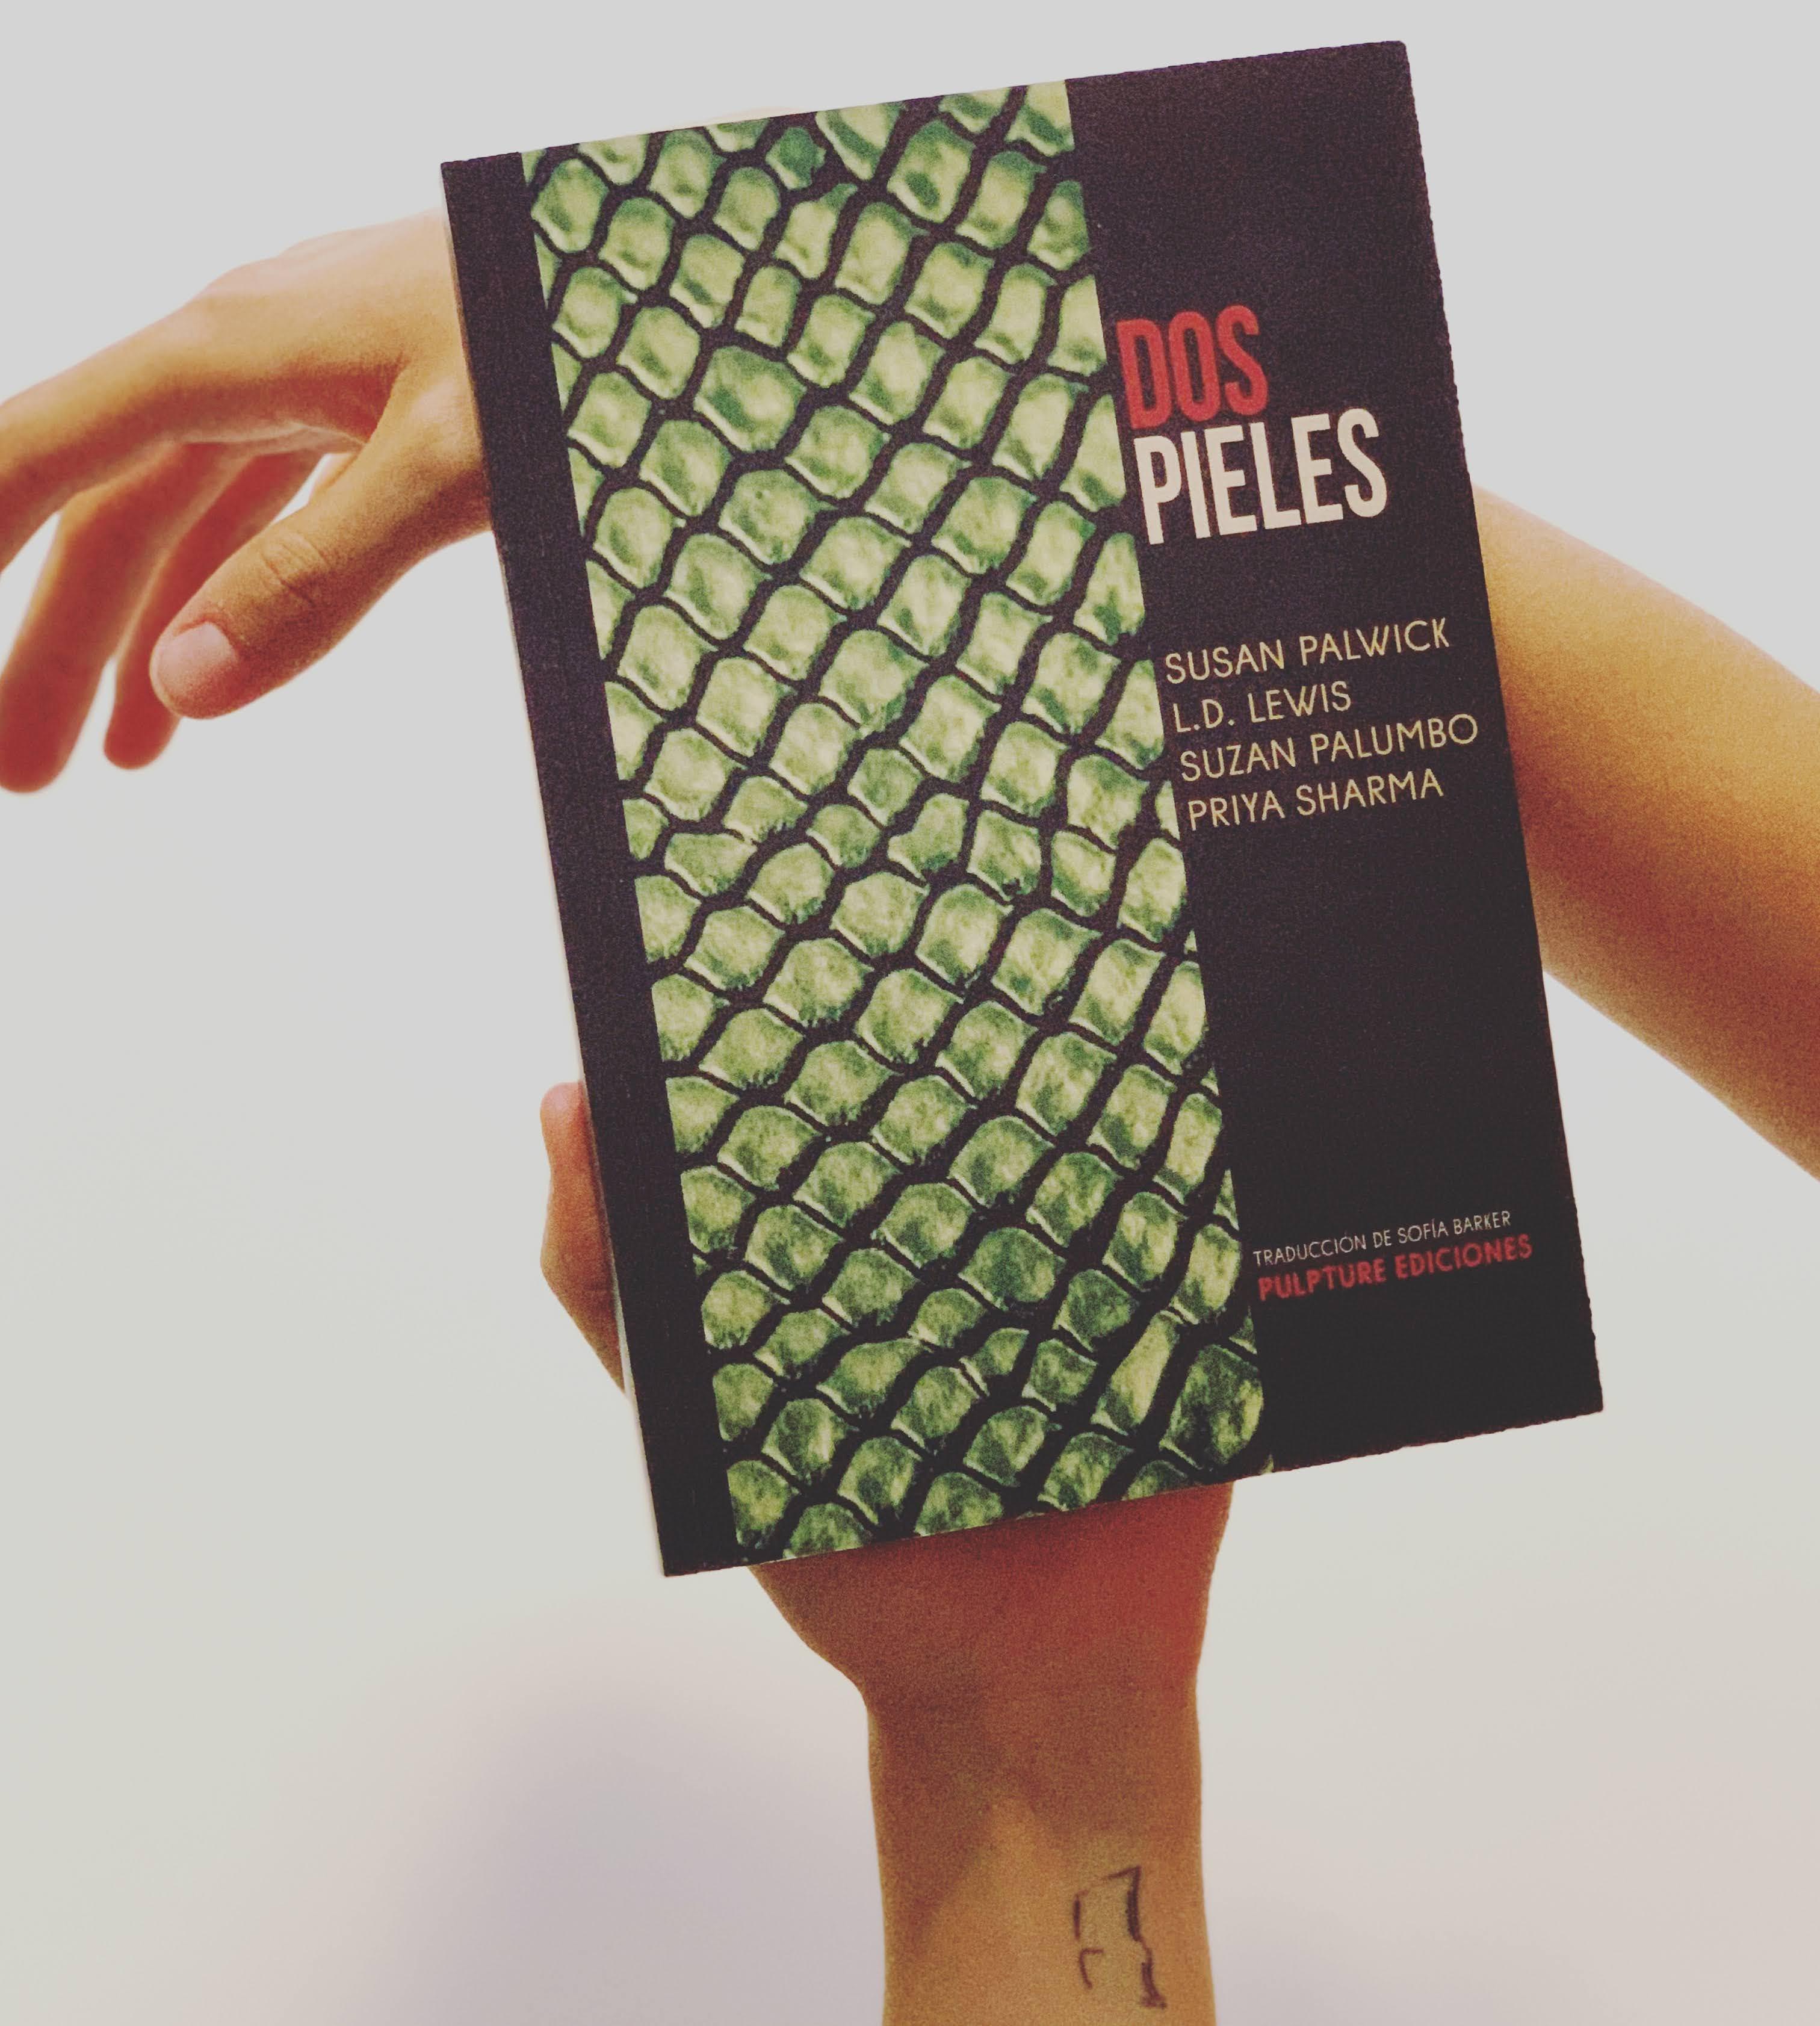 """Imagen de Reseña de """"Dos pieles"""", de Susan Palwick, L.D. Lewis, Suzan Palumbo y Priya Sharma."""